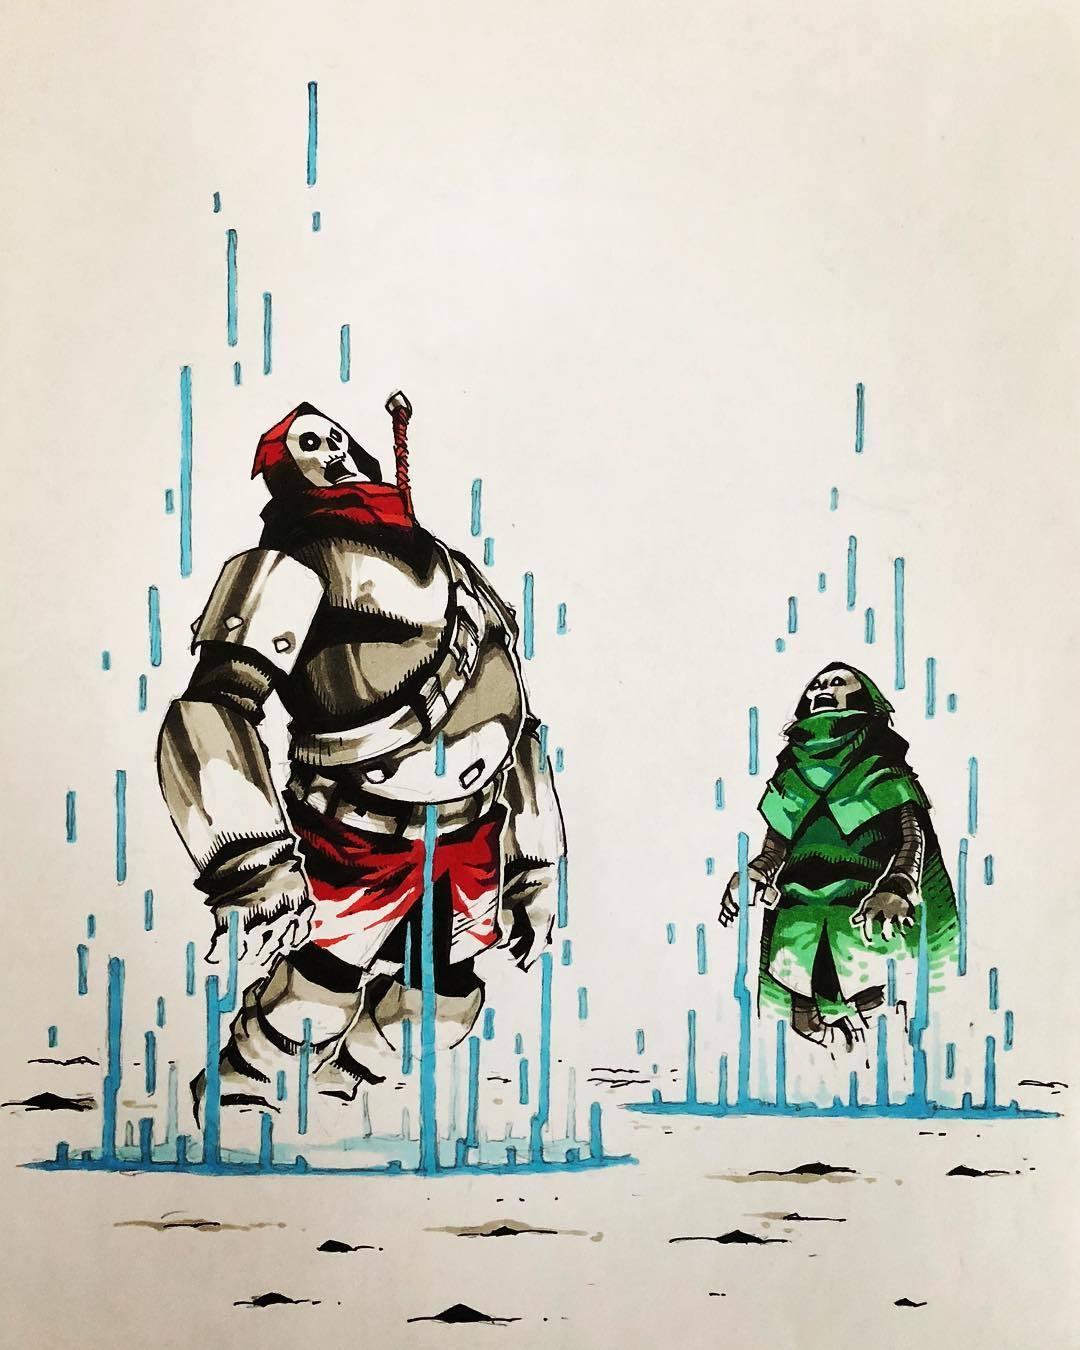 Похитители мечей. - Изображение 32